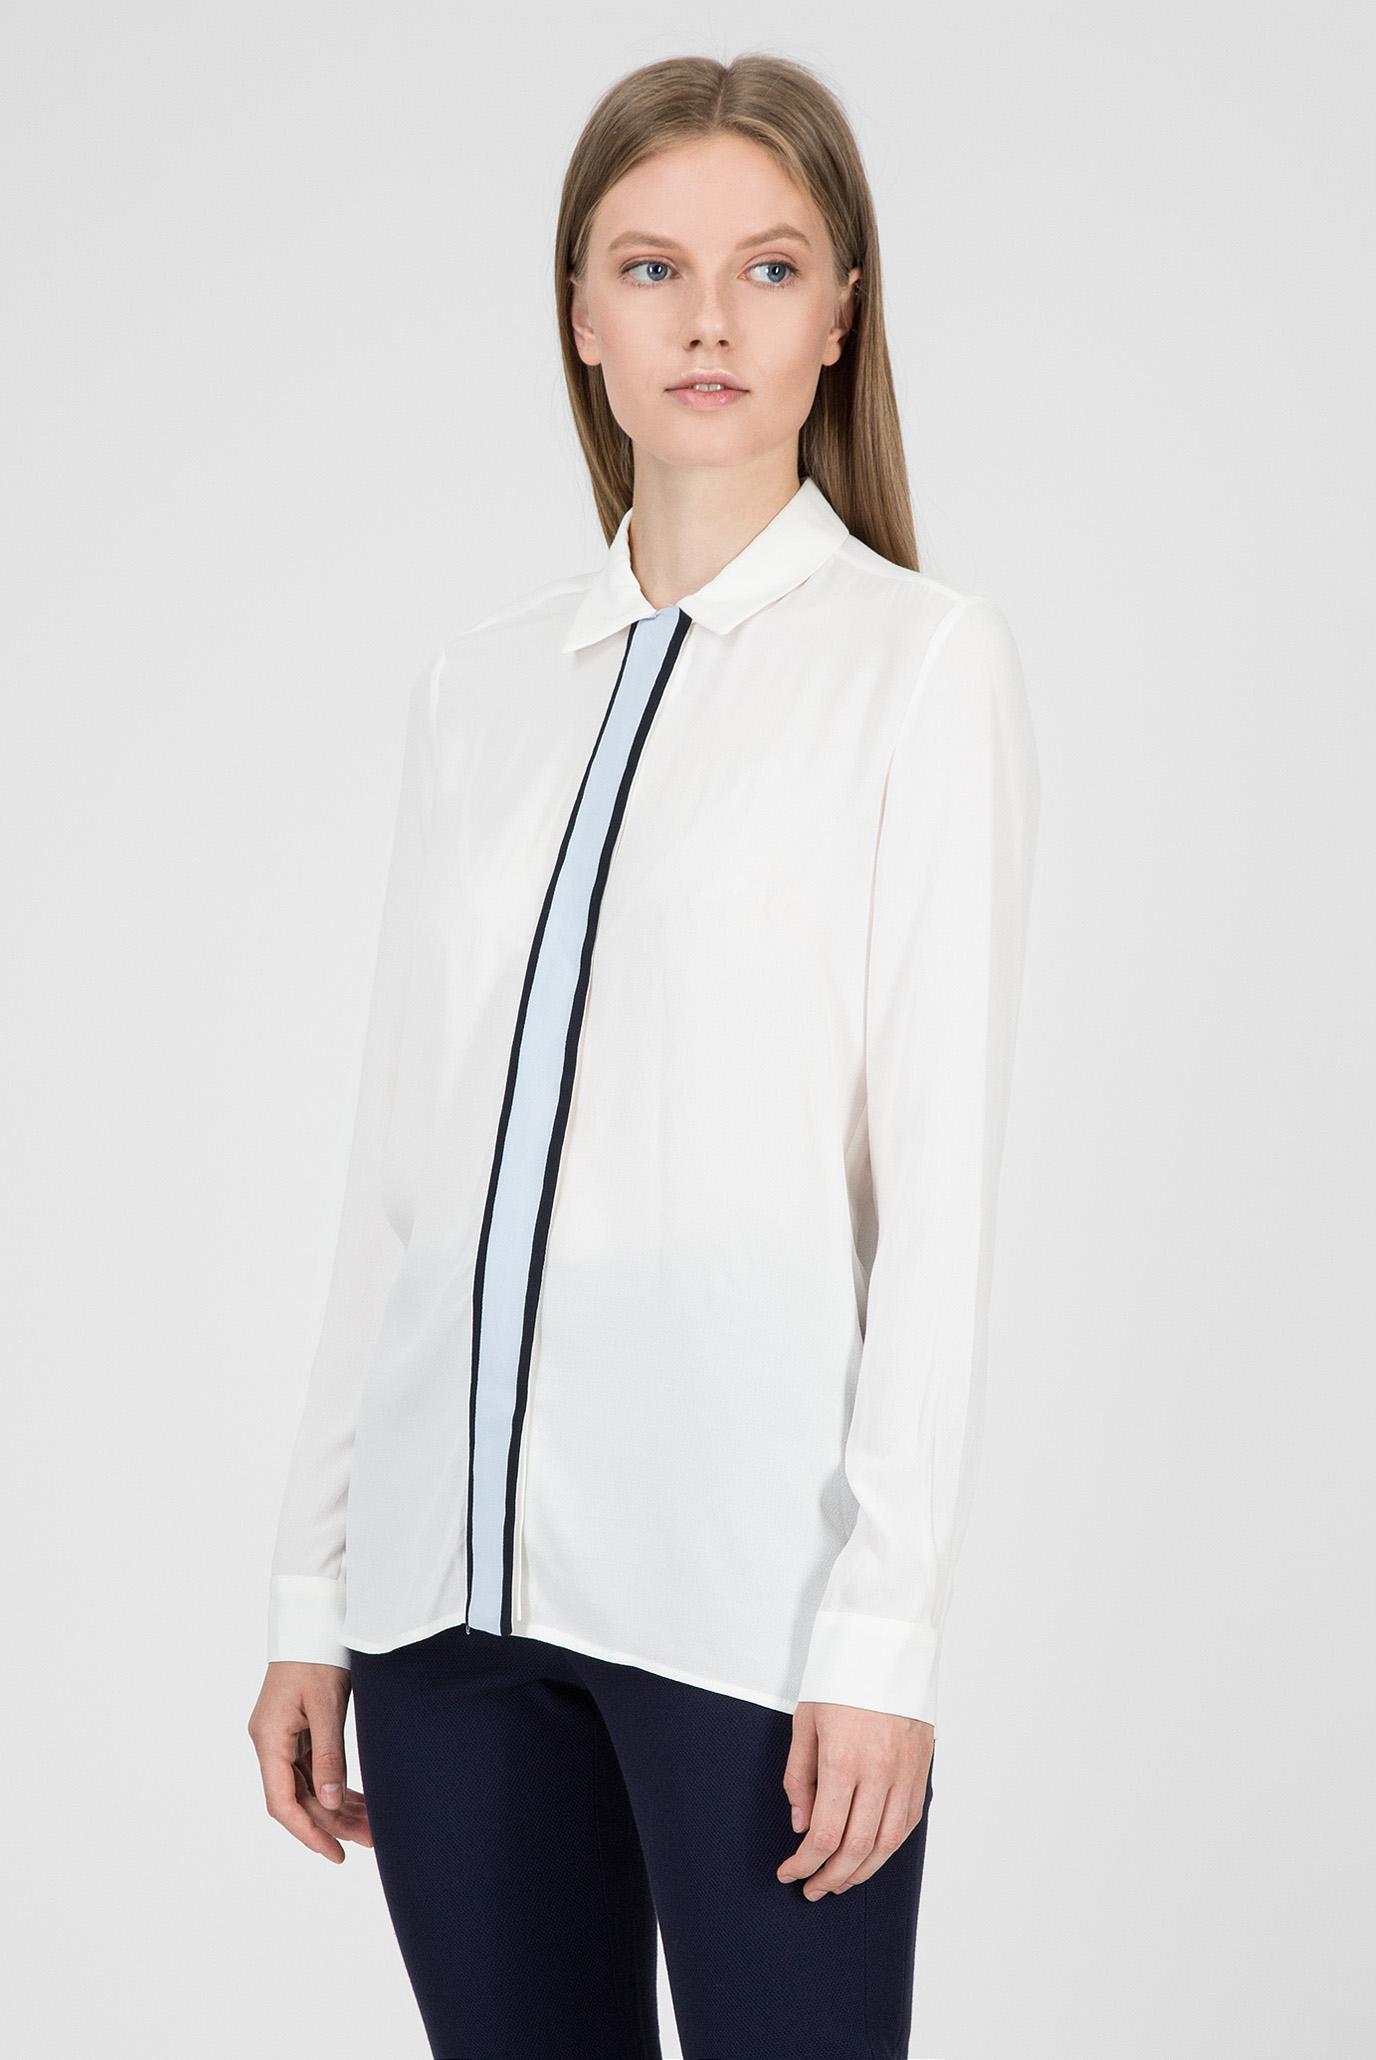 Купить Женская белая рубашка Tommy Hilfiger Tommy Hilfiger WW0WW23036 – Киев, Украина. Цены в интернет магазине MD Fashion